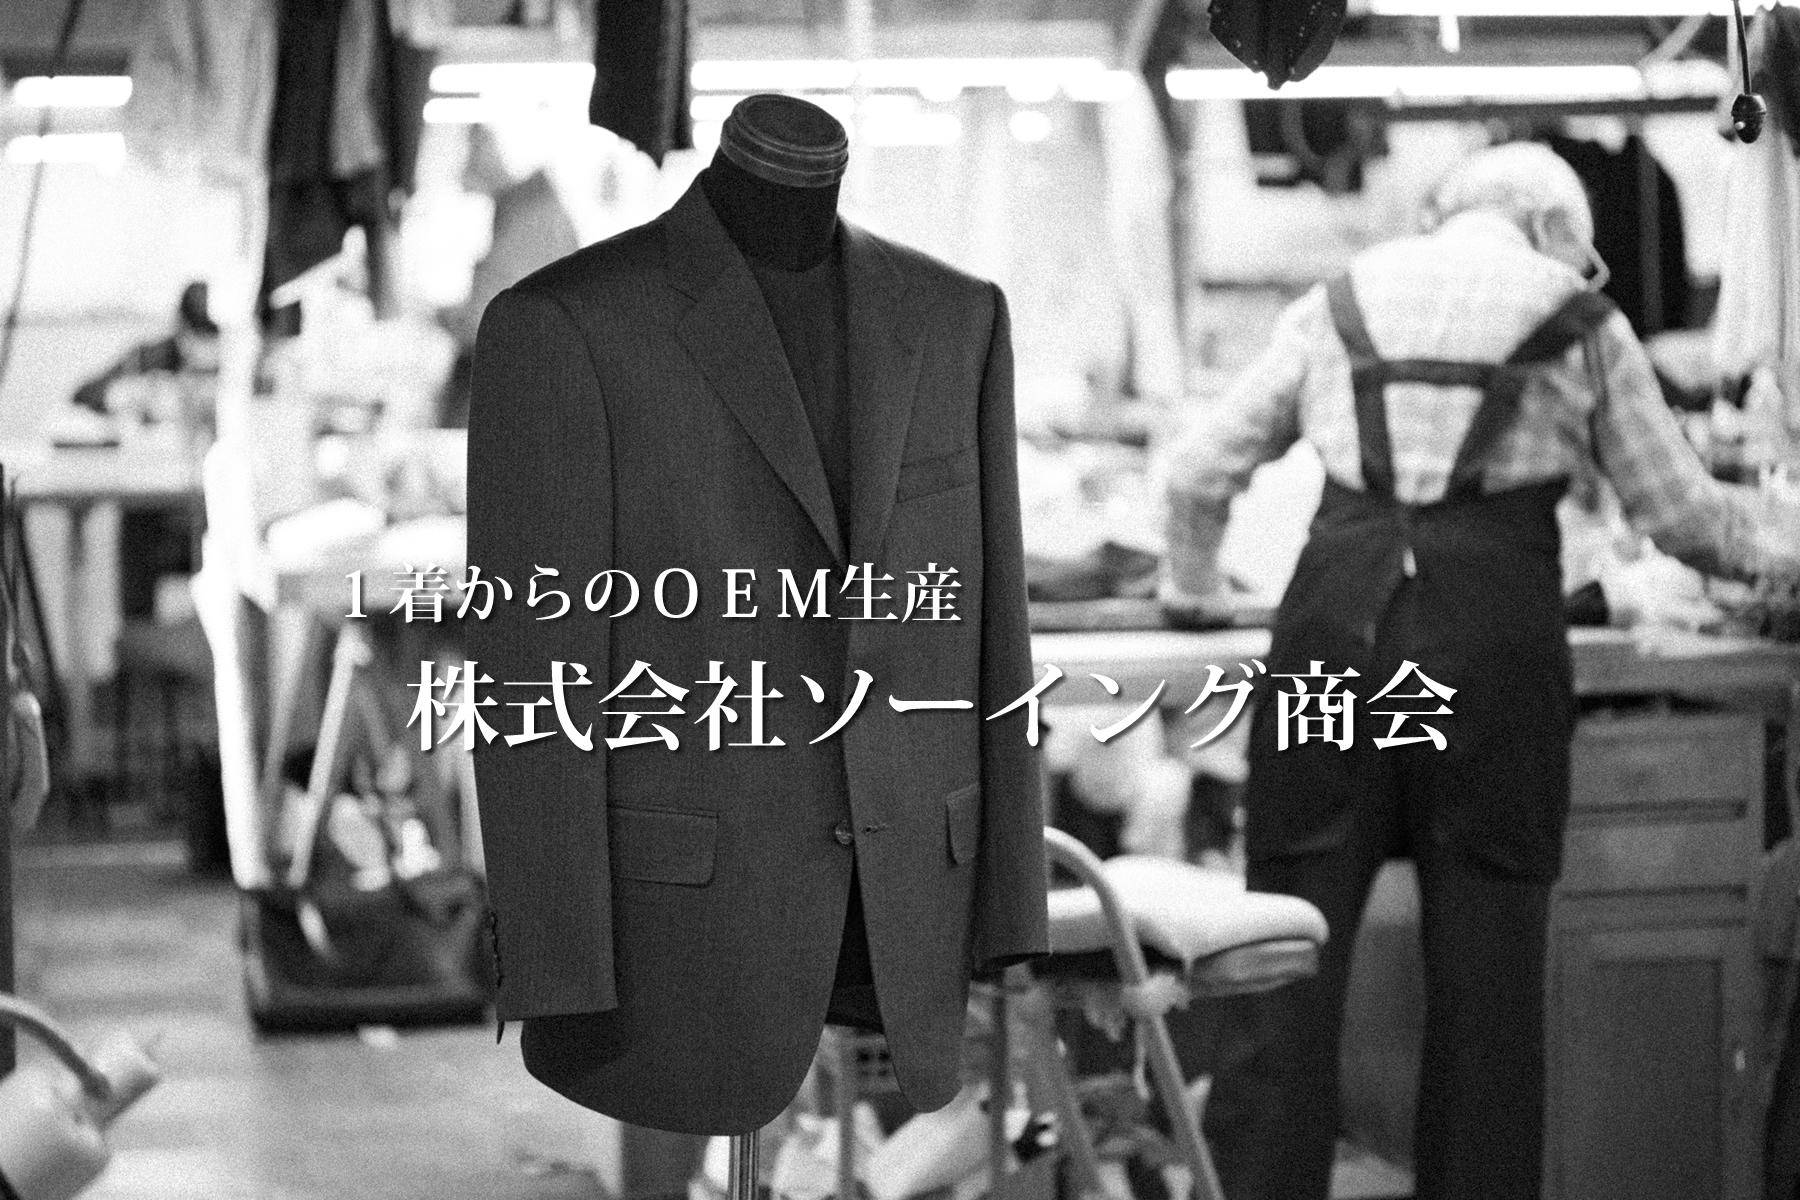 職人による 完全フルハンドメイドの紳士服